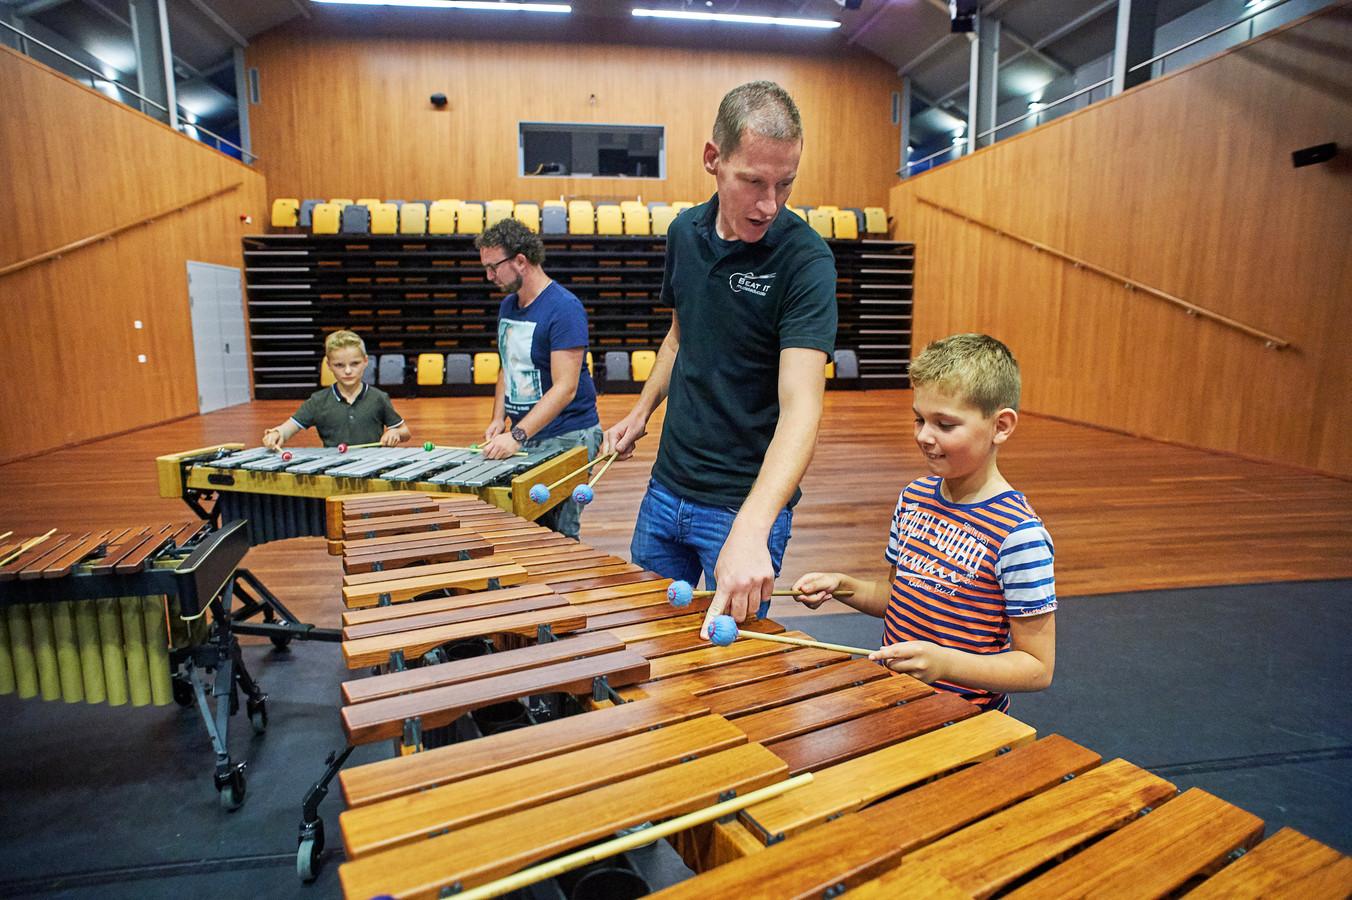 Op de archieffoto krijgen leerlingen Tim (rechts) en Thomas van de fanfare Sint Lambertus  les van docenten Paul van Lokven (voor) en Rob van Dooren.